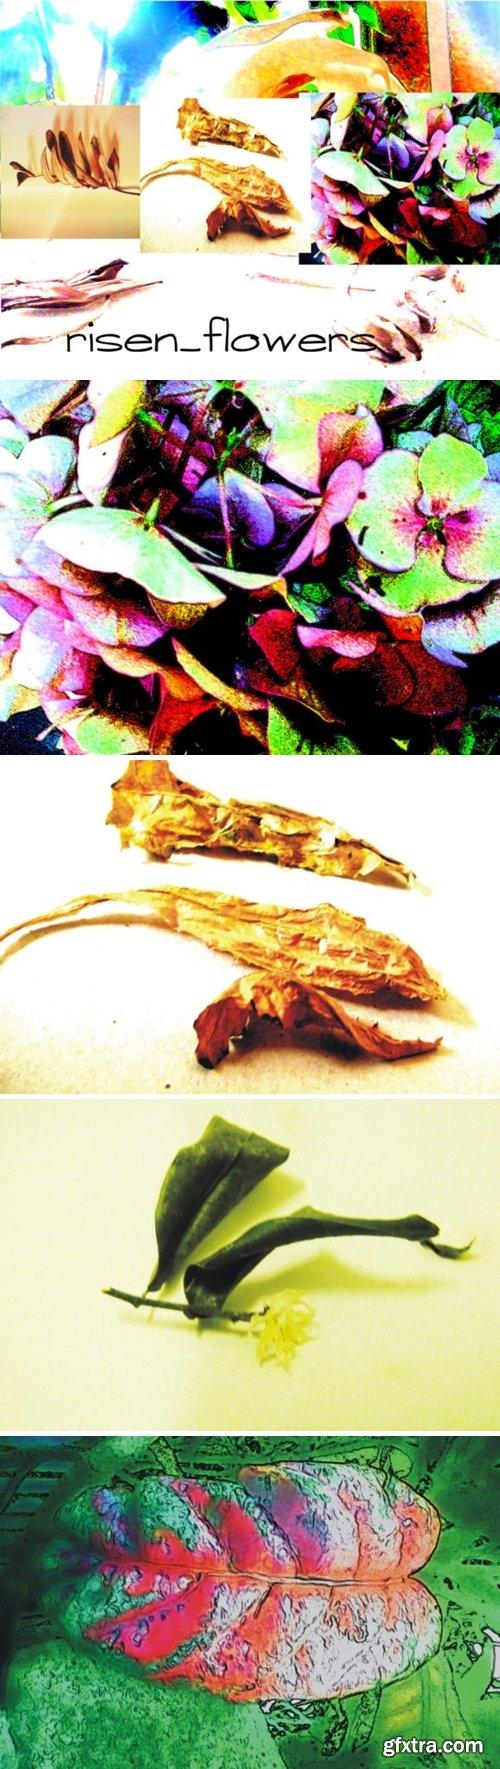 A Risen Flower 1708988